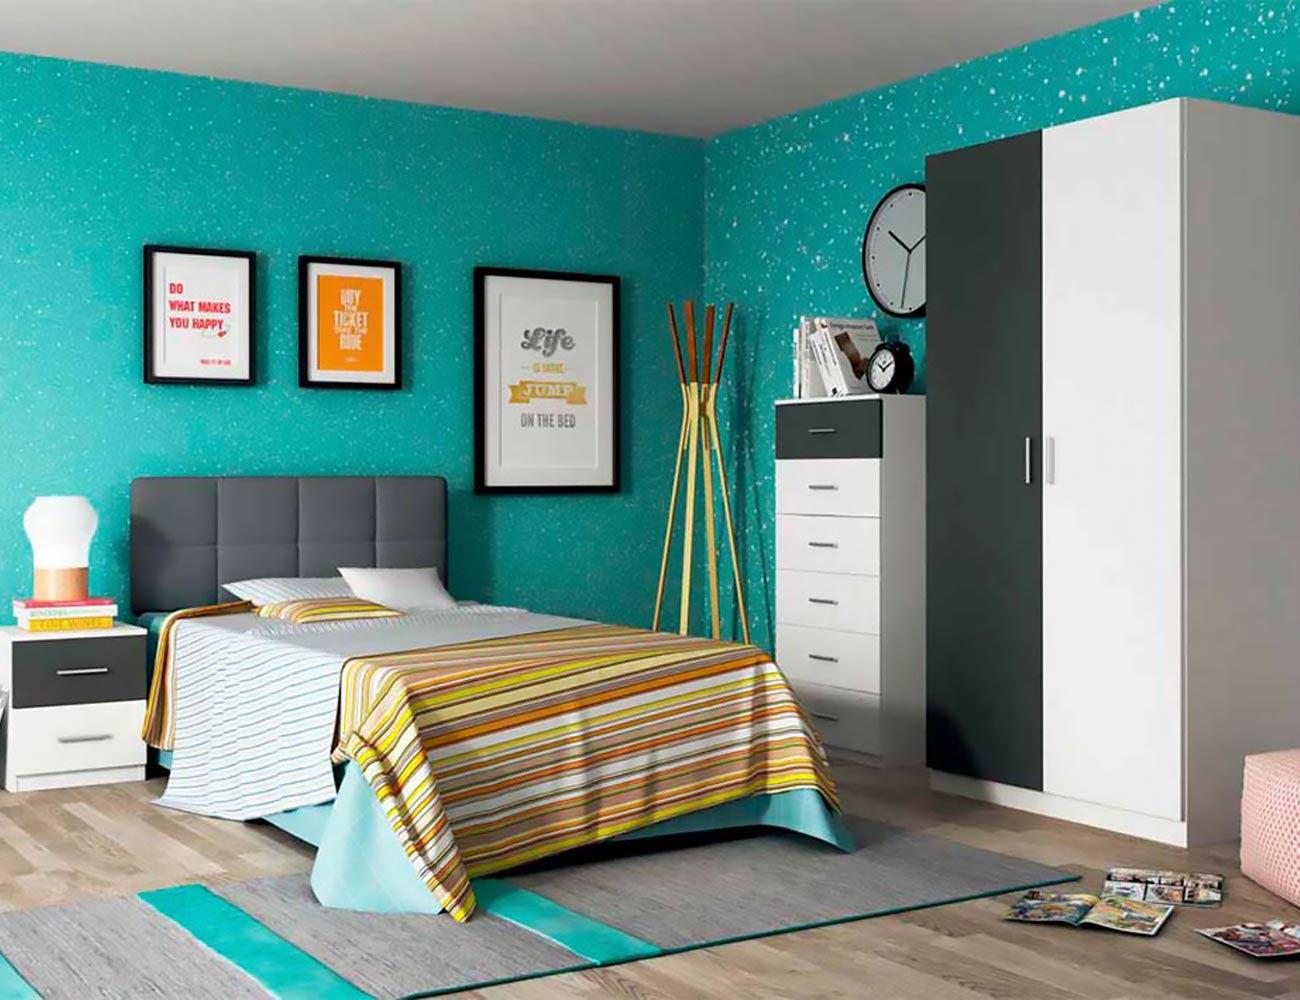 Dormitorio juvenil con cabecero tapizado en polipiel - Dormitorios con cabeceros tapizados ...